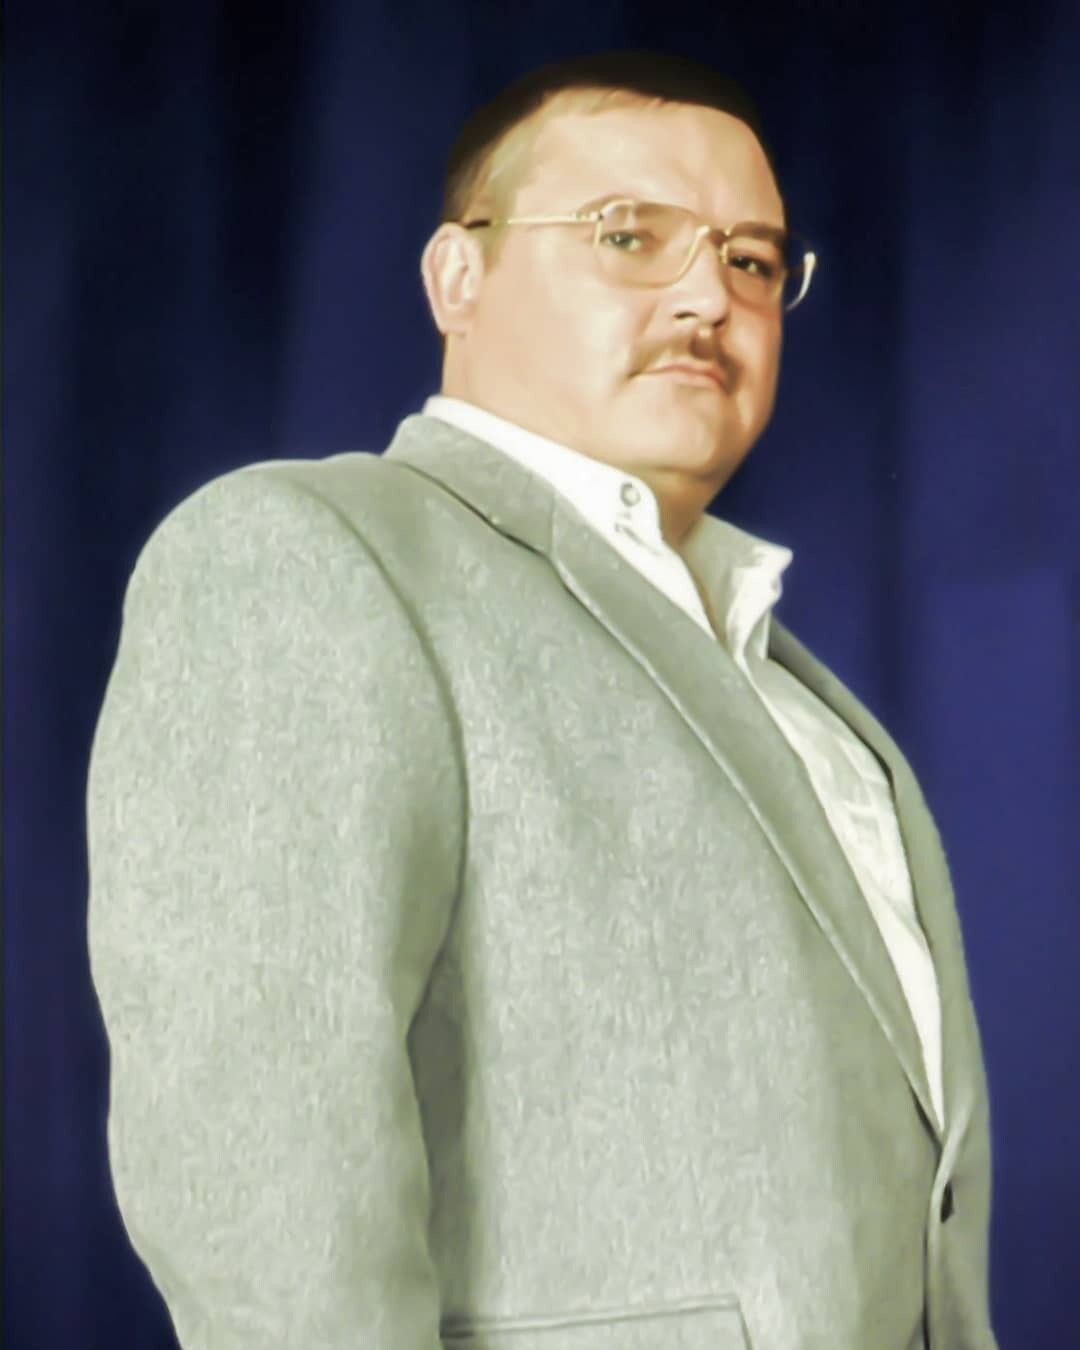 Задержан подозреваемый в убийстве Михаила Круга